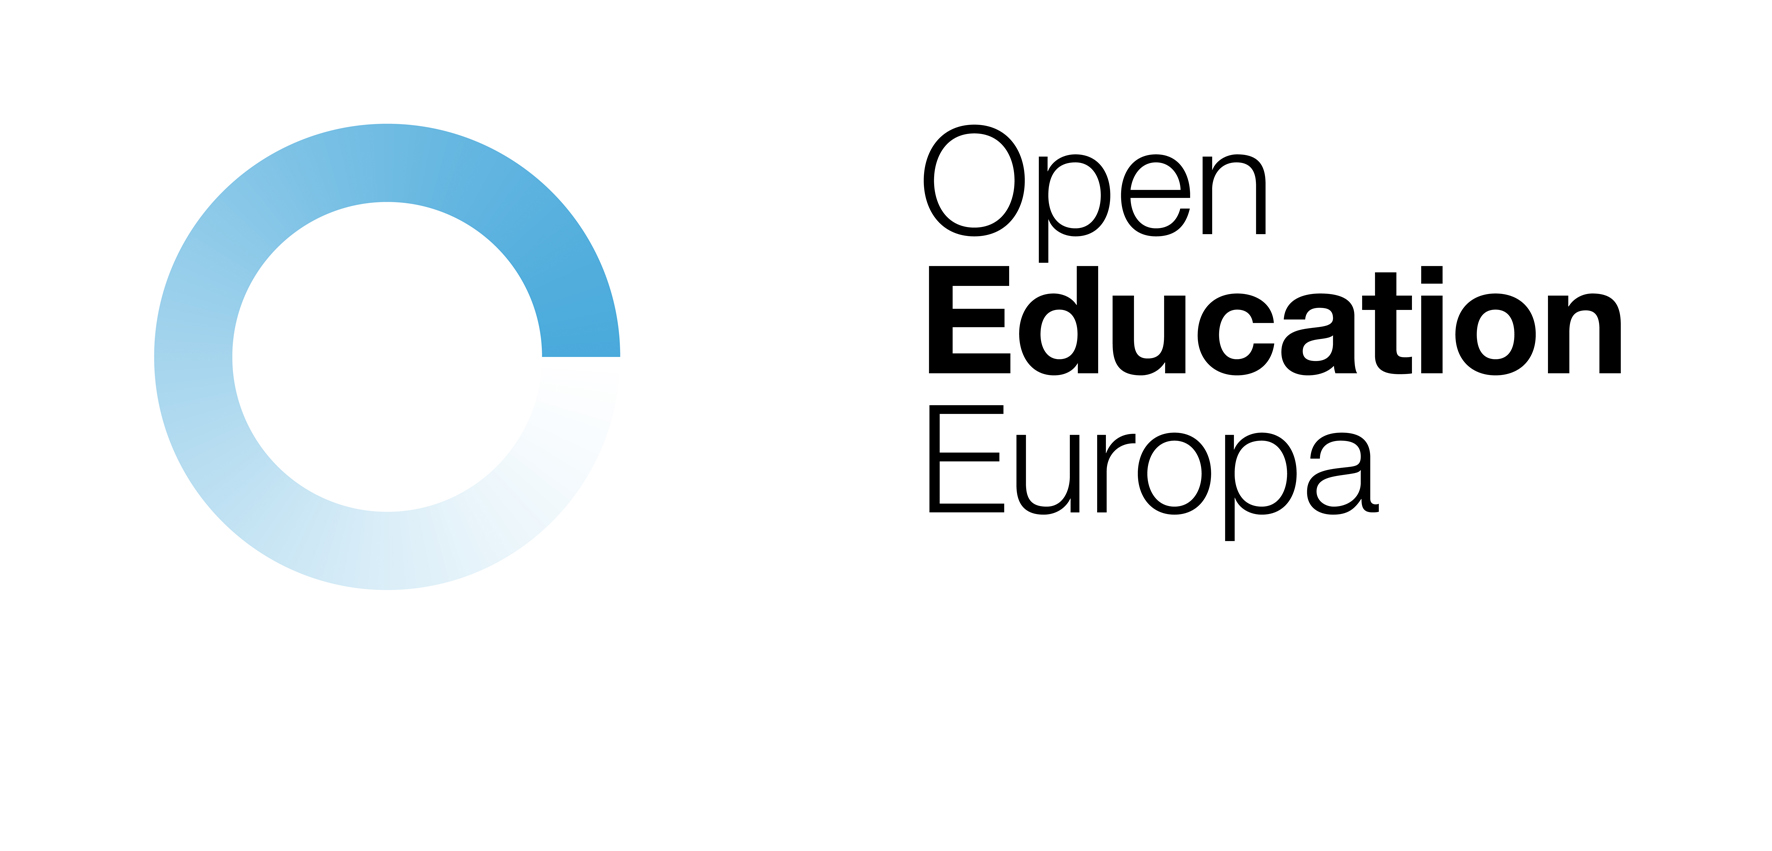 open education europa